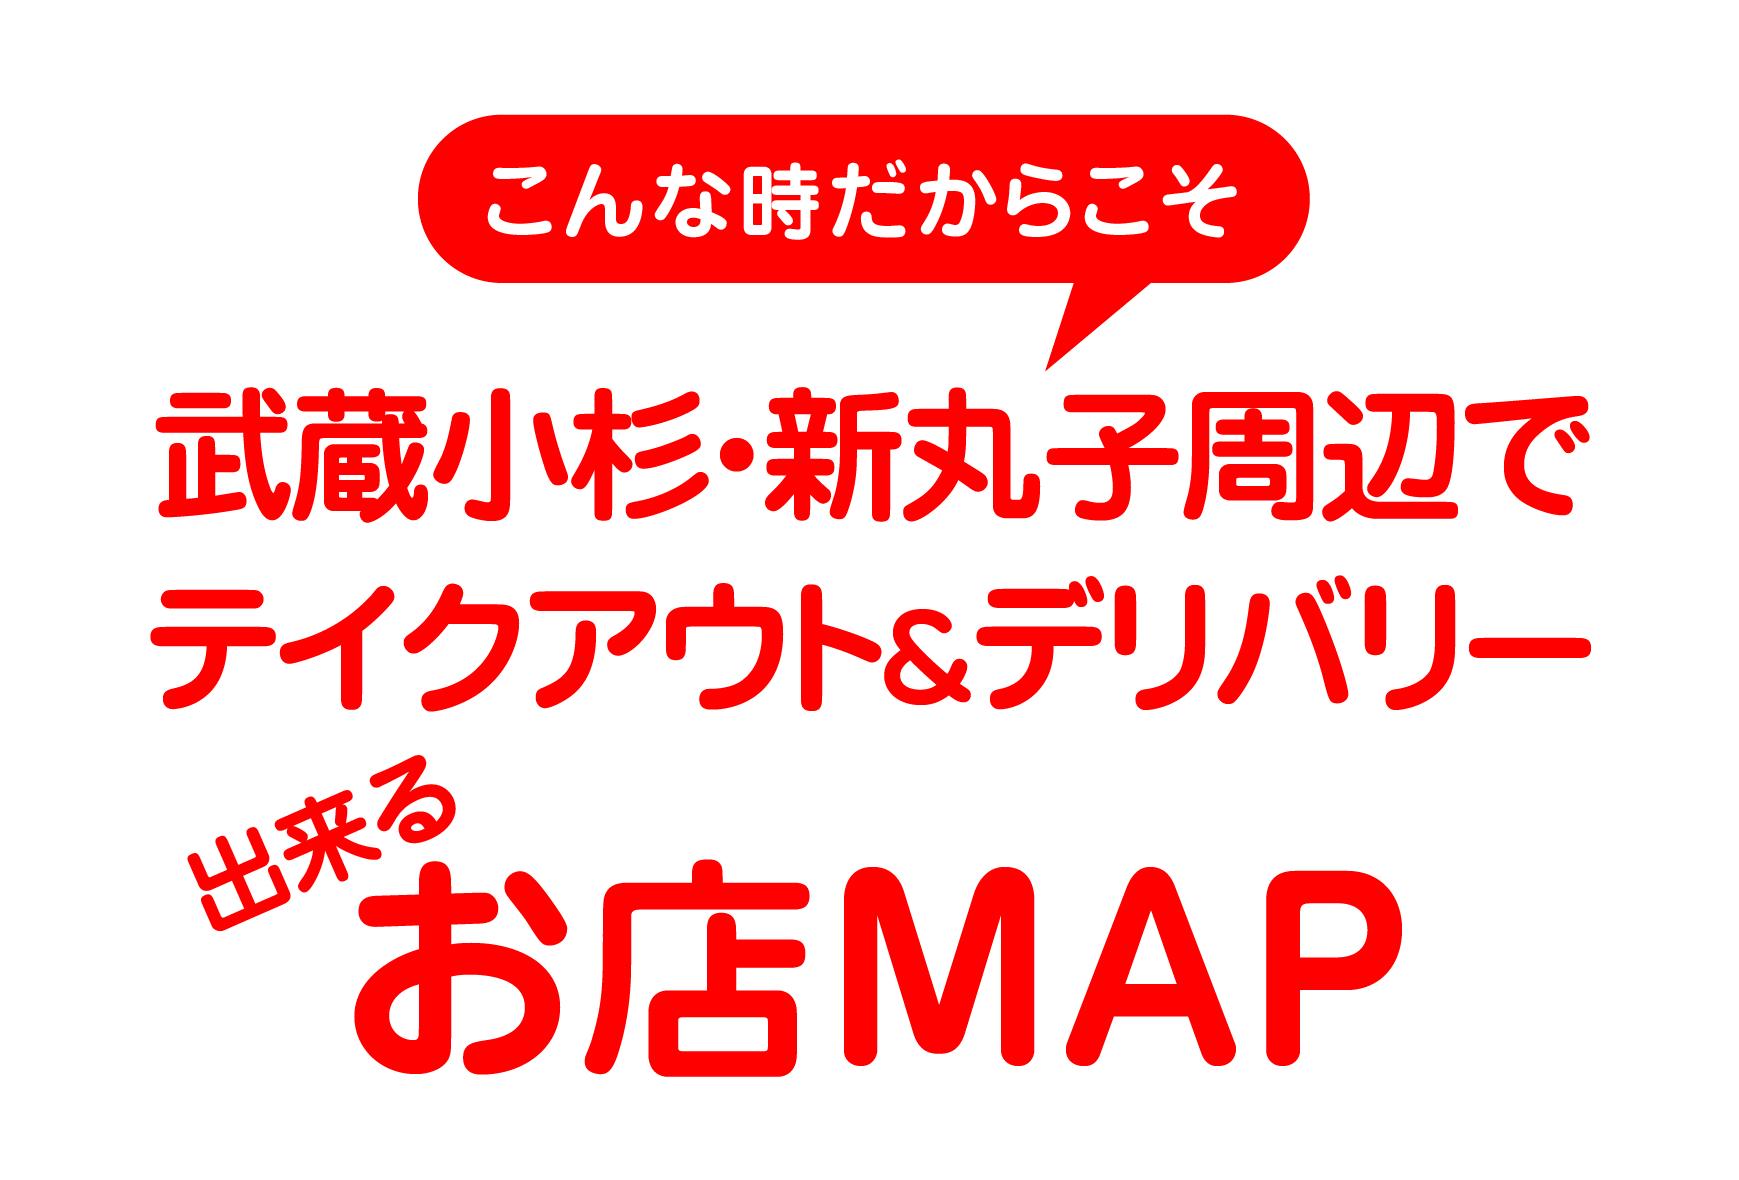 【こんな時だからこそ】武蔵小杉・新丸子周辺でテイクアウト&デリバリー出来るお店MAP